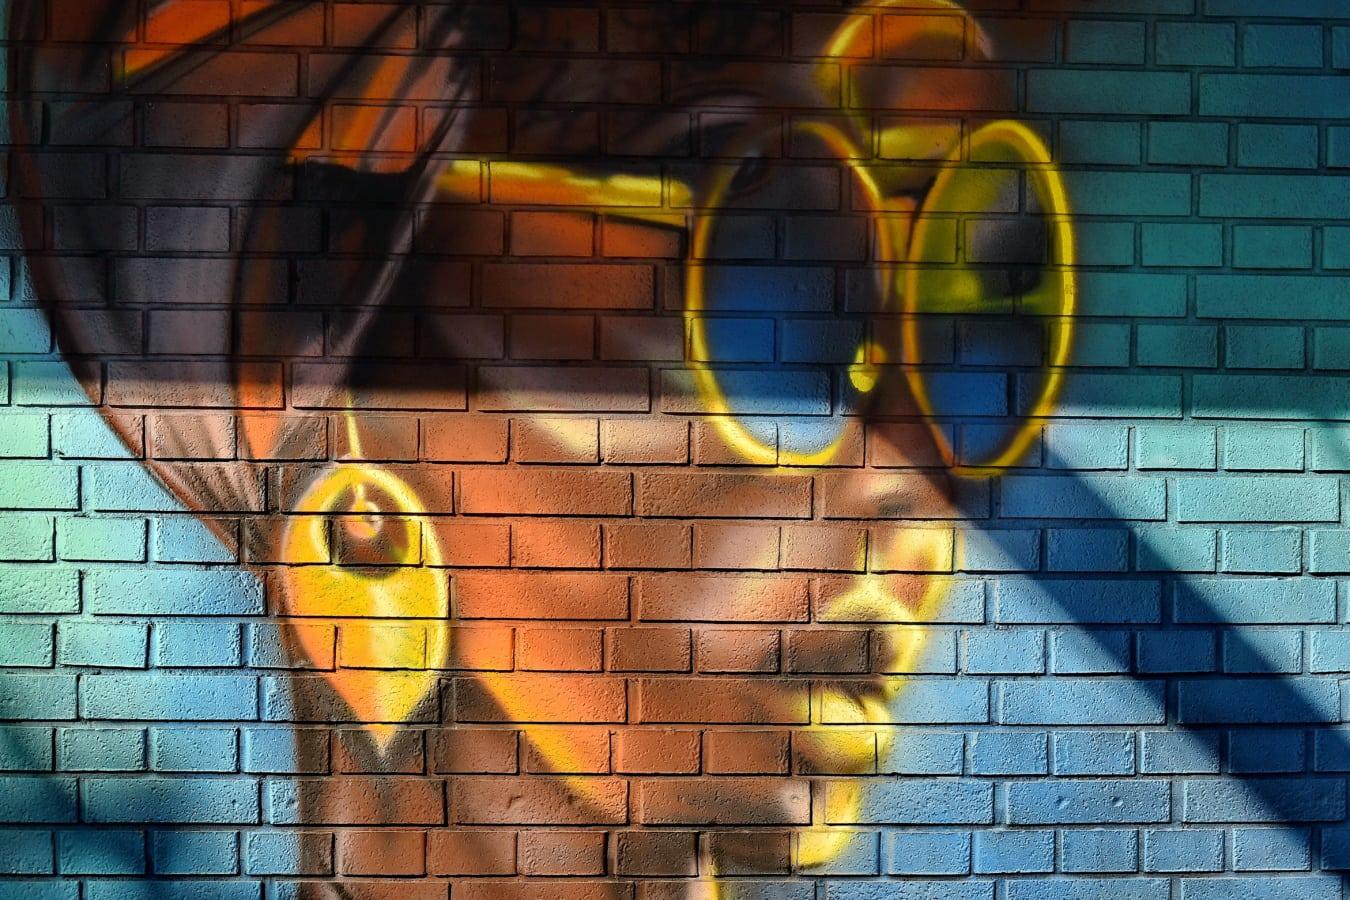 pen jente, nydelig, afrikanske, ansikt, Graffiti, stående, vegg, design, mønster, abstrakt